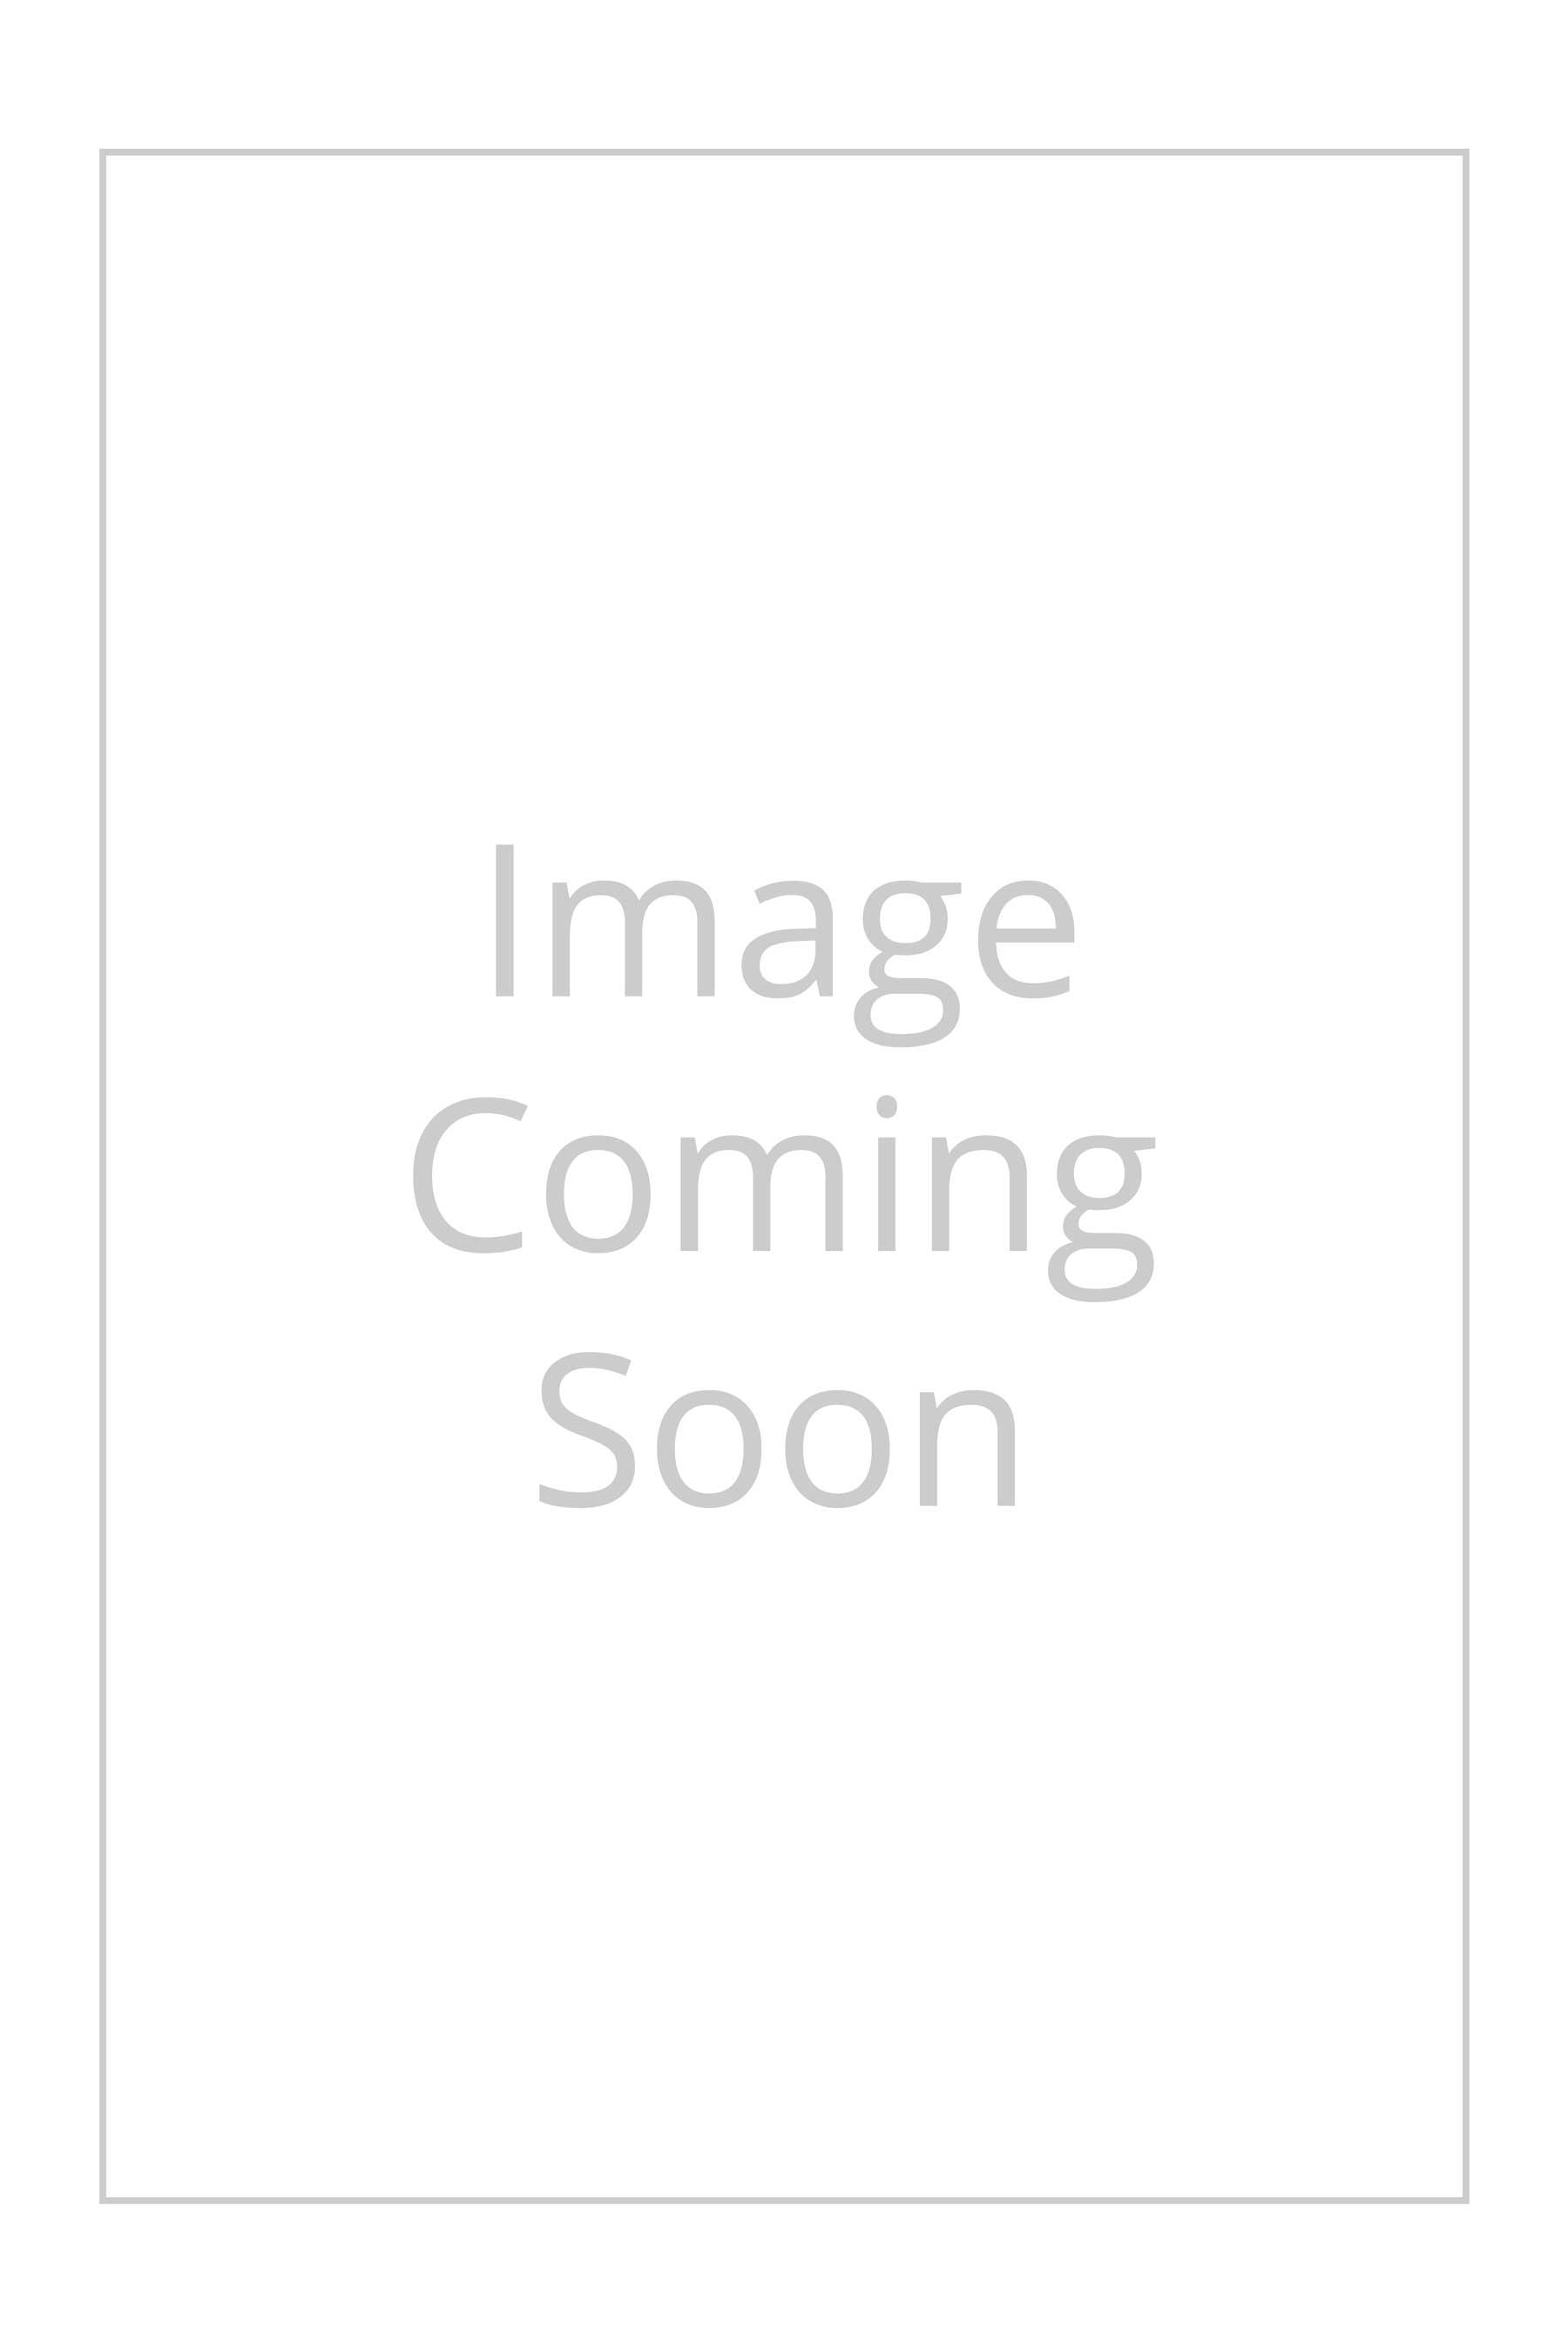 St. John Midnight Blue Polka-Dot Sheath Dress w/ Leather Trim